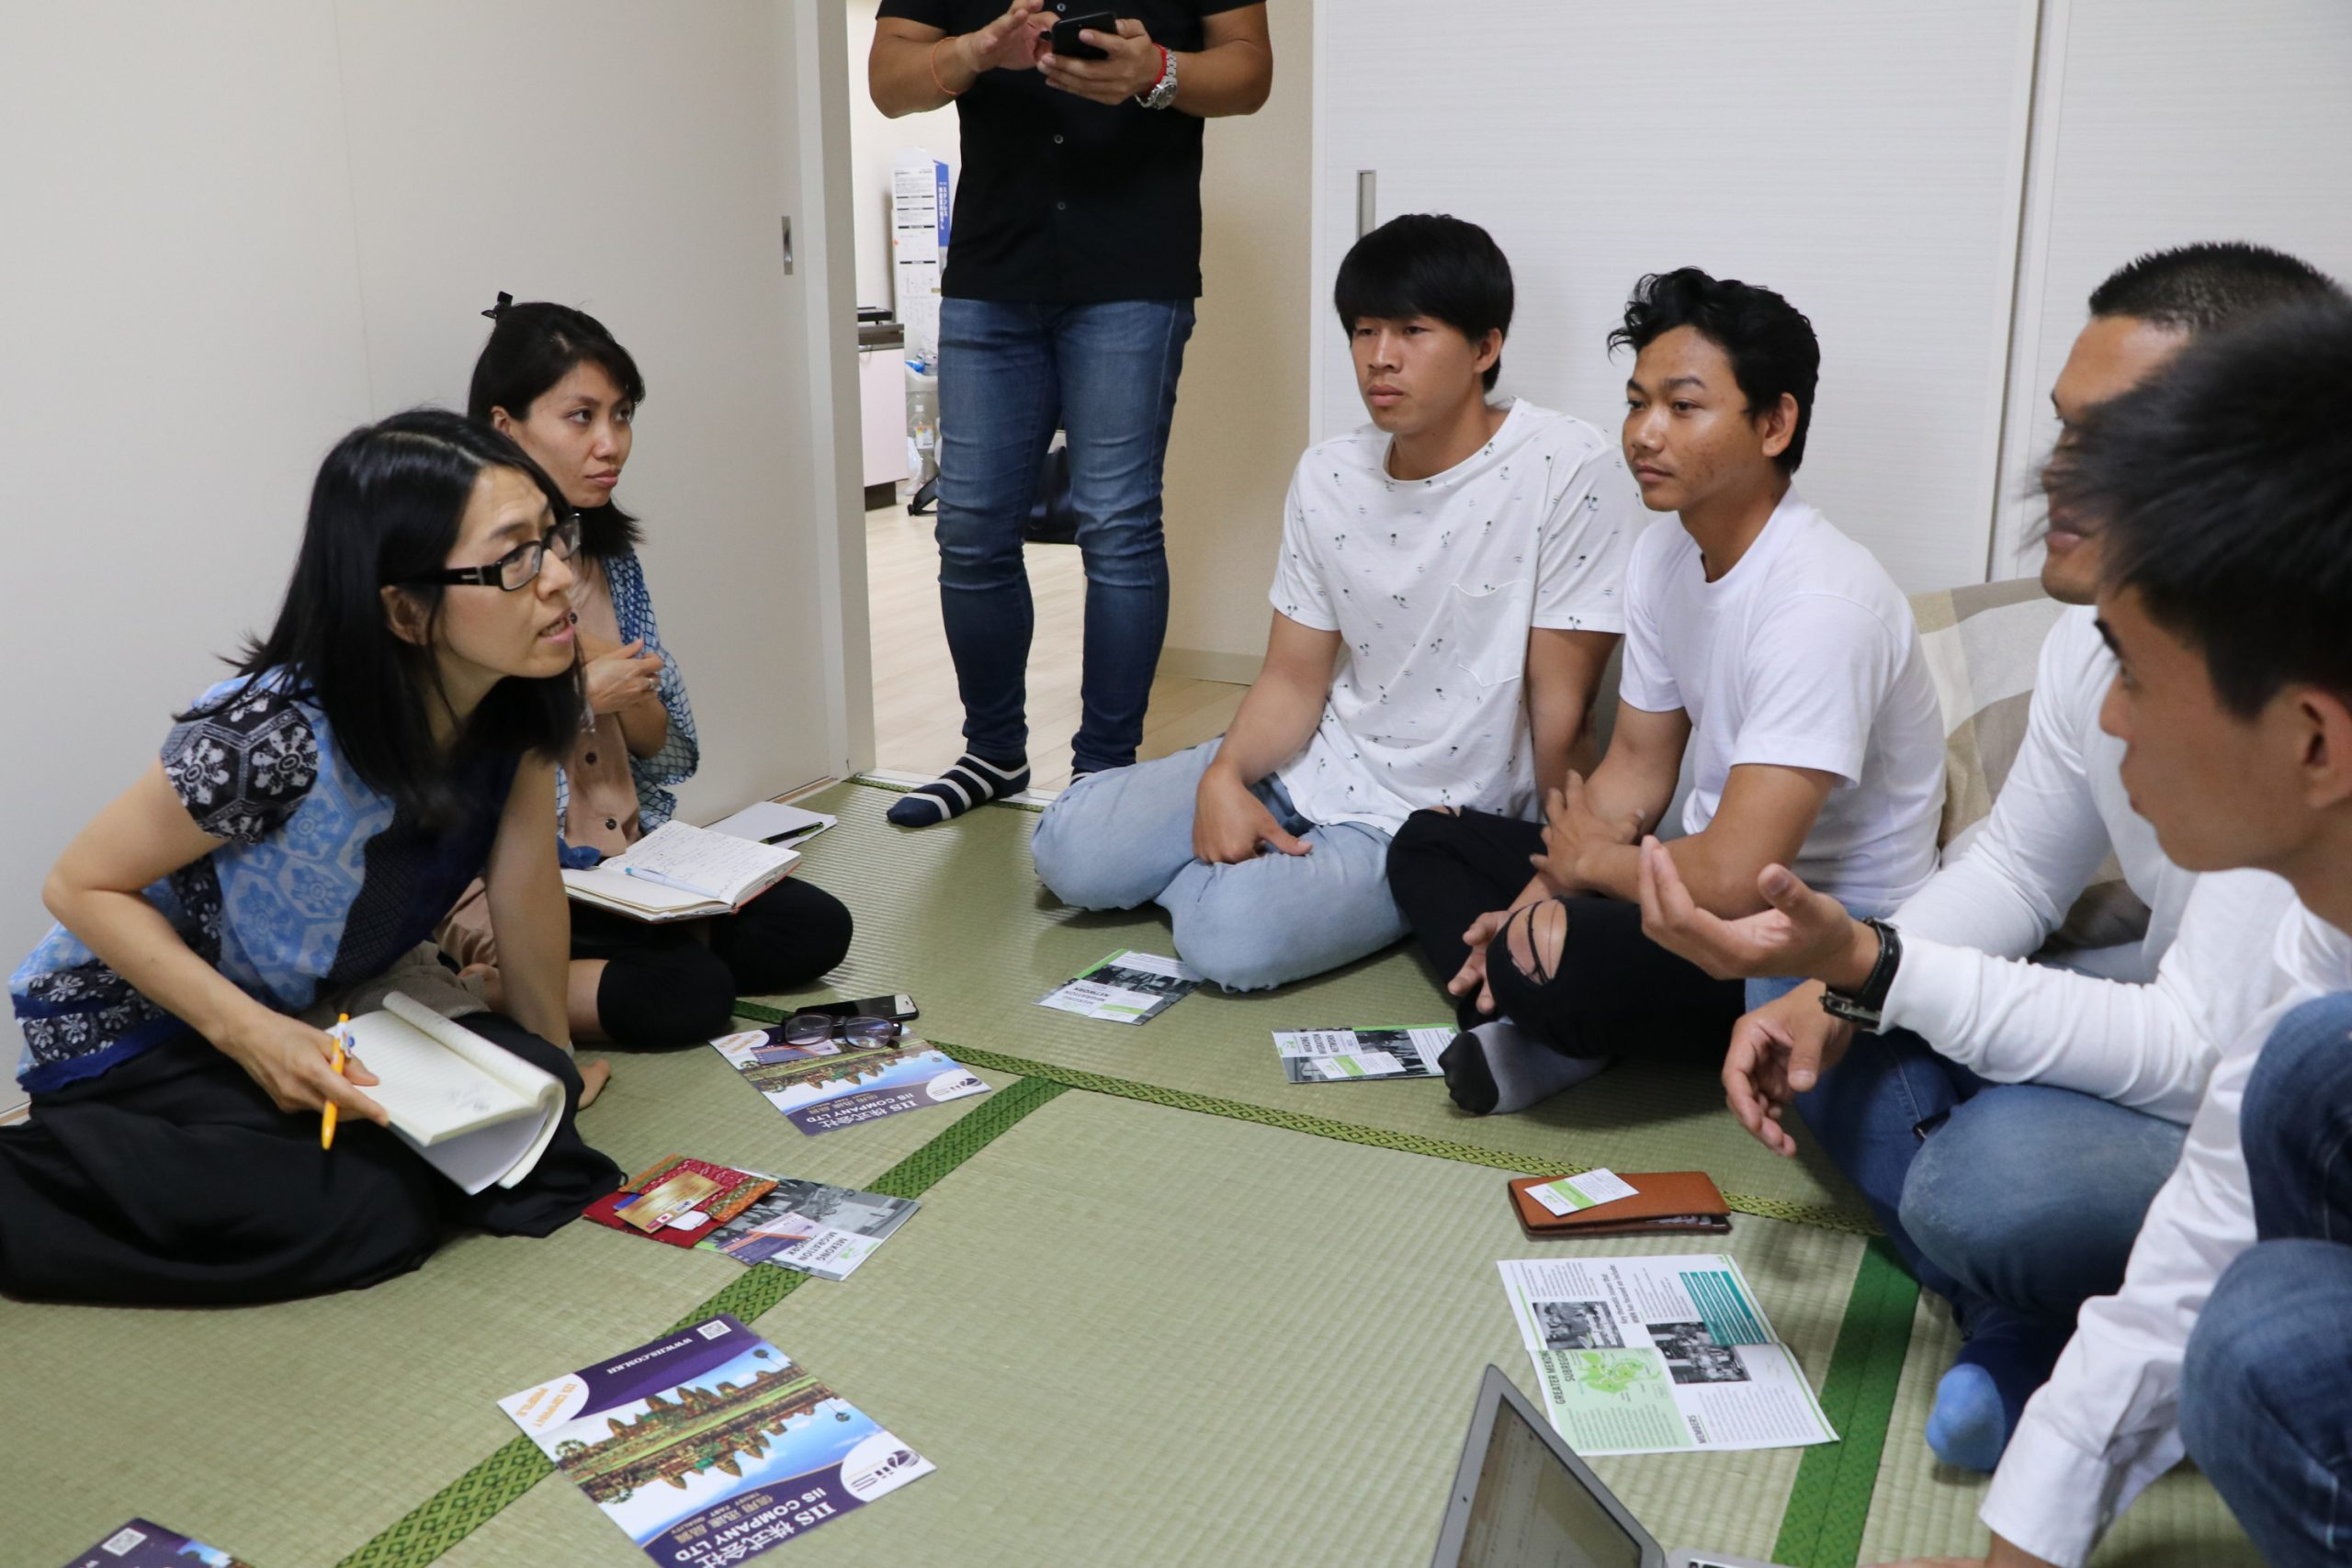 Home visit of migrants in Japan, July 2019, Kanagawa, Japan